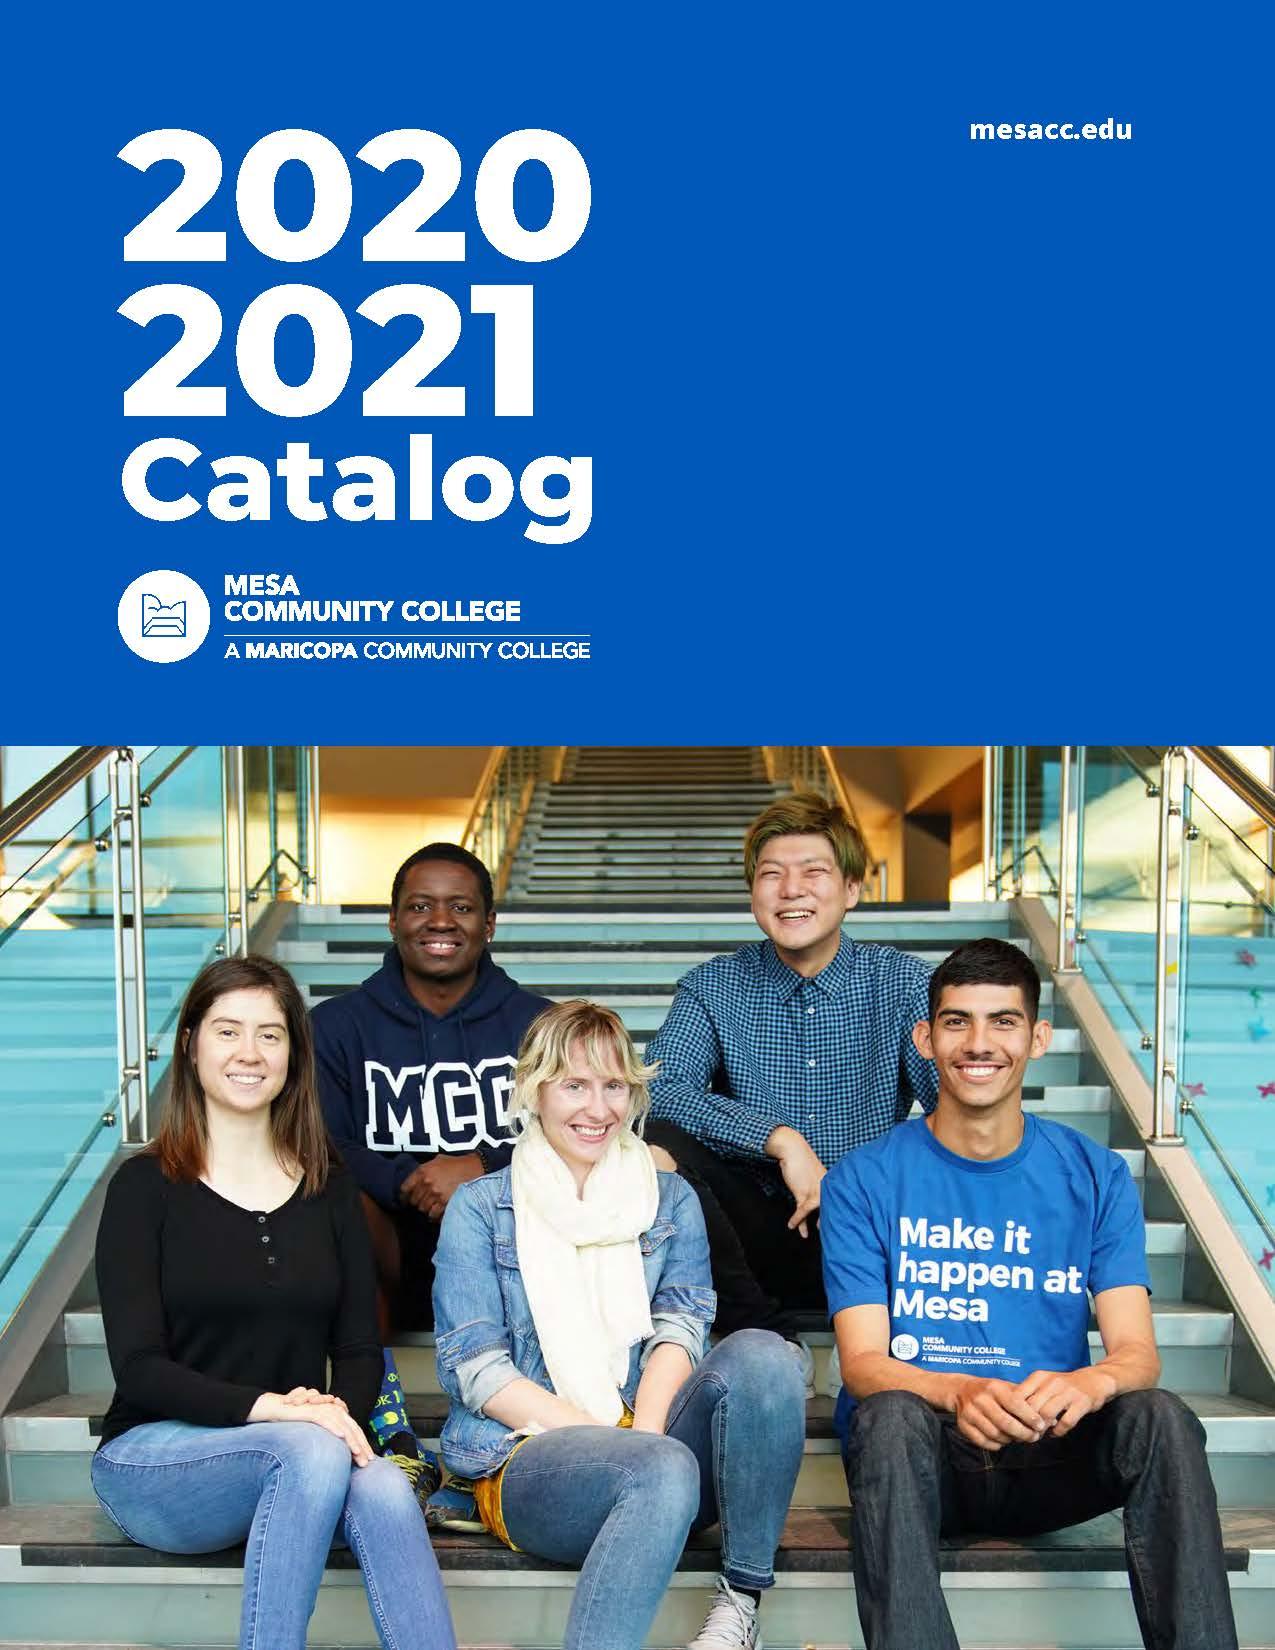 Mcc Academic Calendar 2021 College Catalog | Mesa Community College